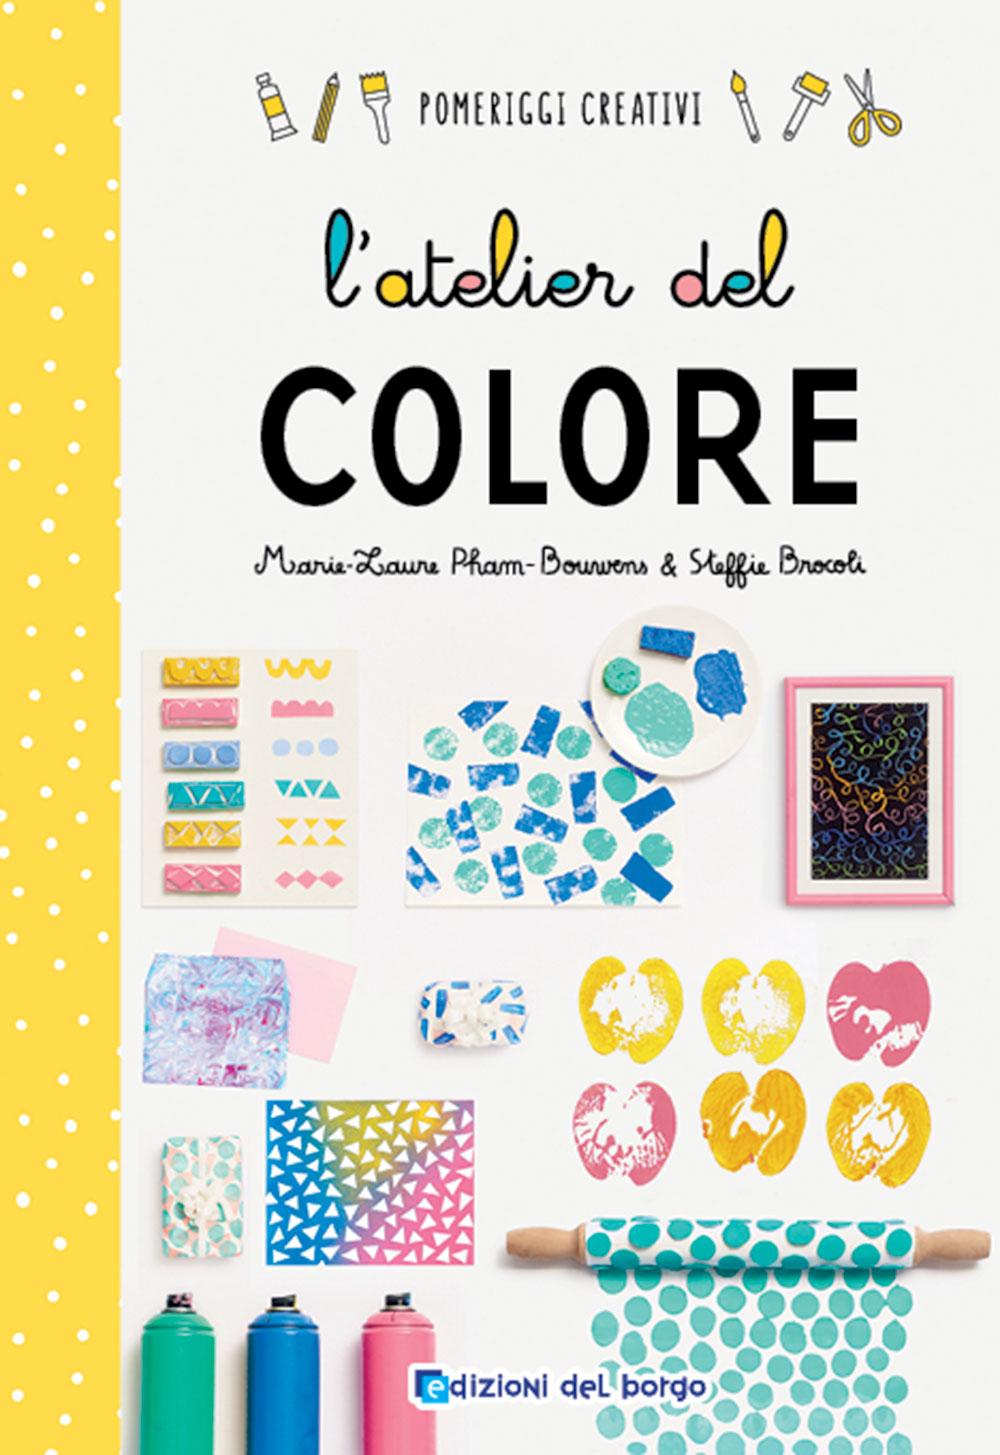 L'atelier del colore